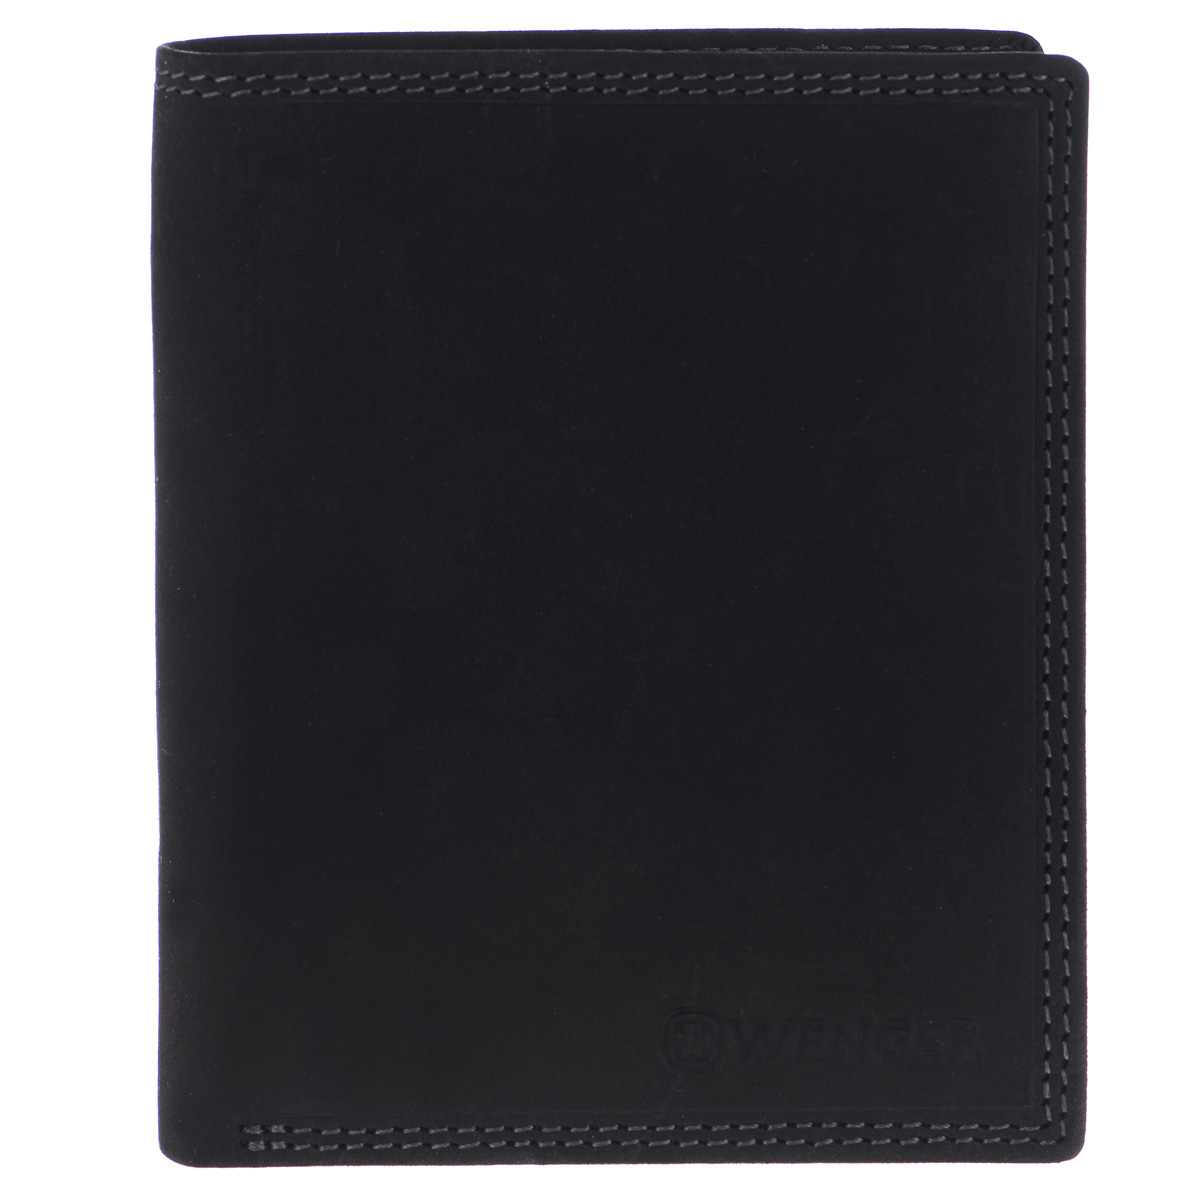 Портмоне мужское Wenger, цвет: черный. W5-02INT-06501Стильное мужское портмоне Wenger изготовлено из натуральной кожи и оформлено тиснениями в виде названия и логотипа бренда на лицевой стороне. Внутри - два отделения для купюр, отсек для мелочи на замке-кнопке, боковой карман и врезной карман на застежке-молнии. Изюминкой модели является то, что часть отсеков портмоне закрыто хлястиком на кнопку: три боковых кармана, сетчатый карман и восемь прорезей для визиток и кредитных карт.Портмоне упаковано в изысканную фирменную коробку.Модное портмоне Wenger не оставит равнодушным истинного ценителя прекрасного.По всем вопросам гарантийного и постгарантийного обслуживания рюкзаков, чемоданов, спортивных и кожаных сумок, а также портмоне марок Wenger и SwissGear вы можете обратиться в сервис-центр, расположенный по адресу: г. Москва, Саввинская набережная, д.3. Тел: (495) 788-39-96, (499) 248-56-56, ежедневно с 9:00 до 21:00. Подробные условия гарантийного обслуживания приведены в гарантийном талоне, поставляемым в комплекте с каждым изделием. Бесплатный ремонт изделий производится при условии предоставления гарантийного талона и товарного/кассового чека, подтверждающего дату покупки.